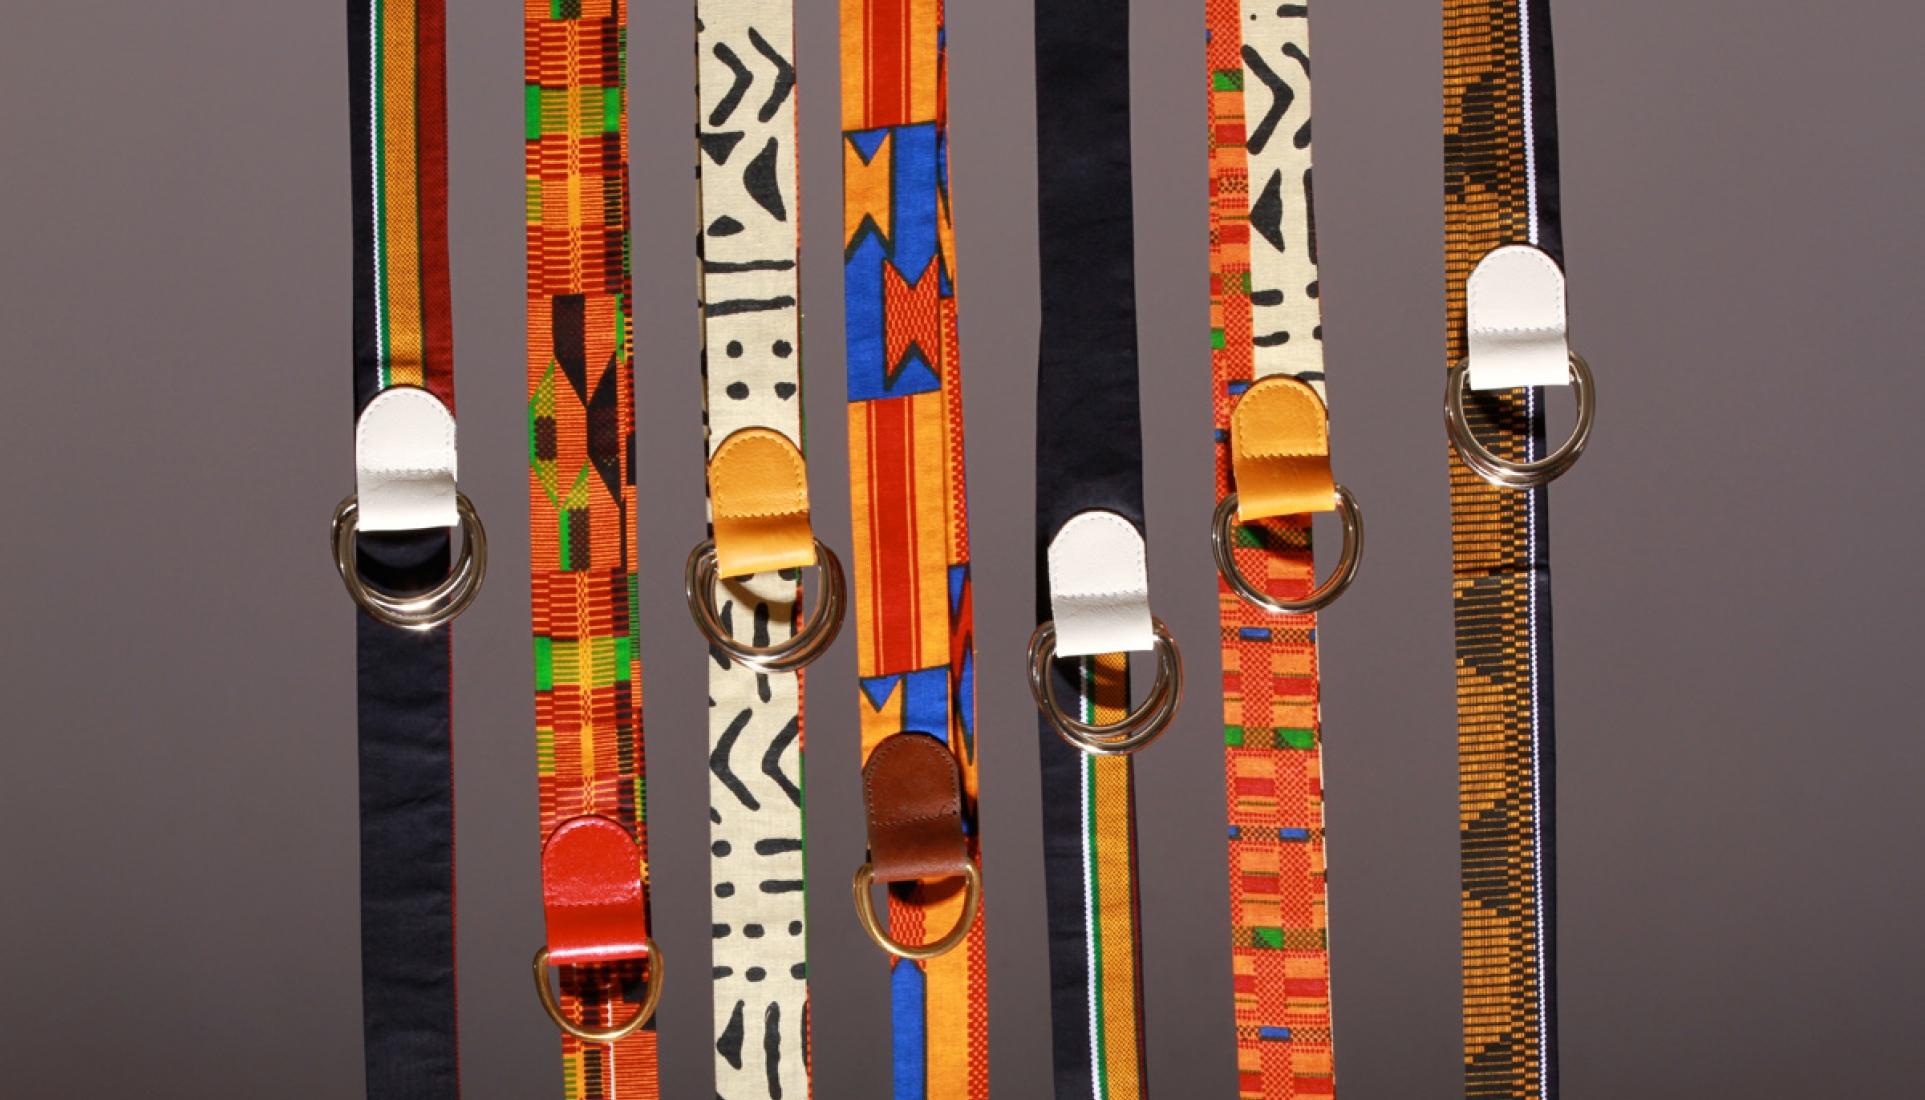 54 Kingdoms Bonoman Belts Lifestyle Hanging